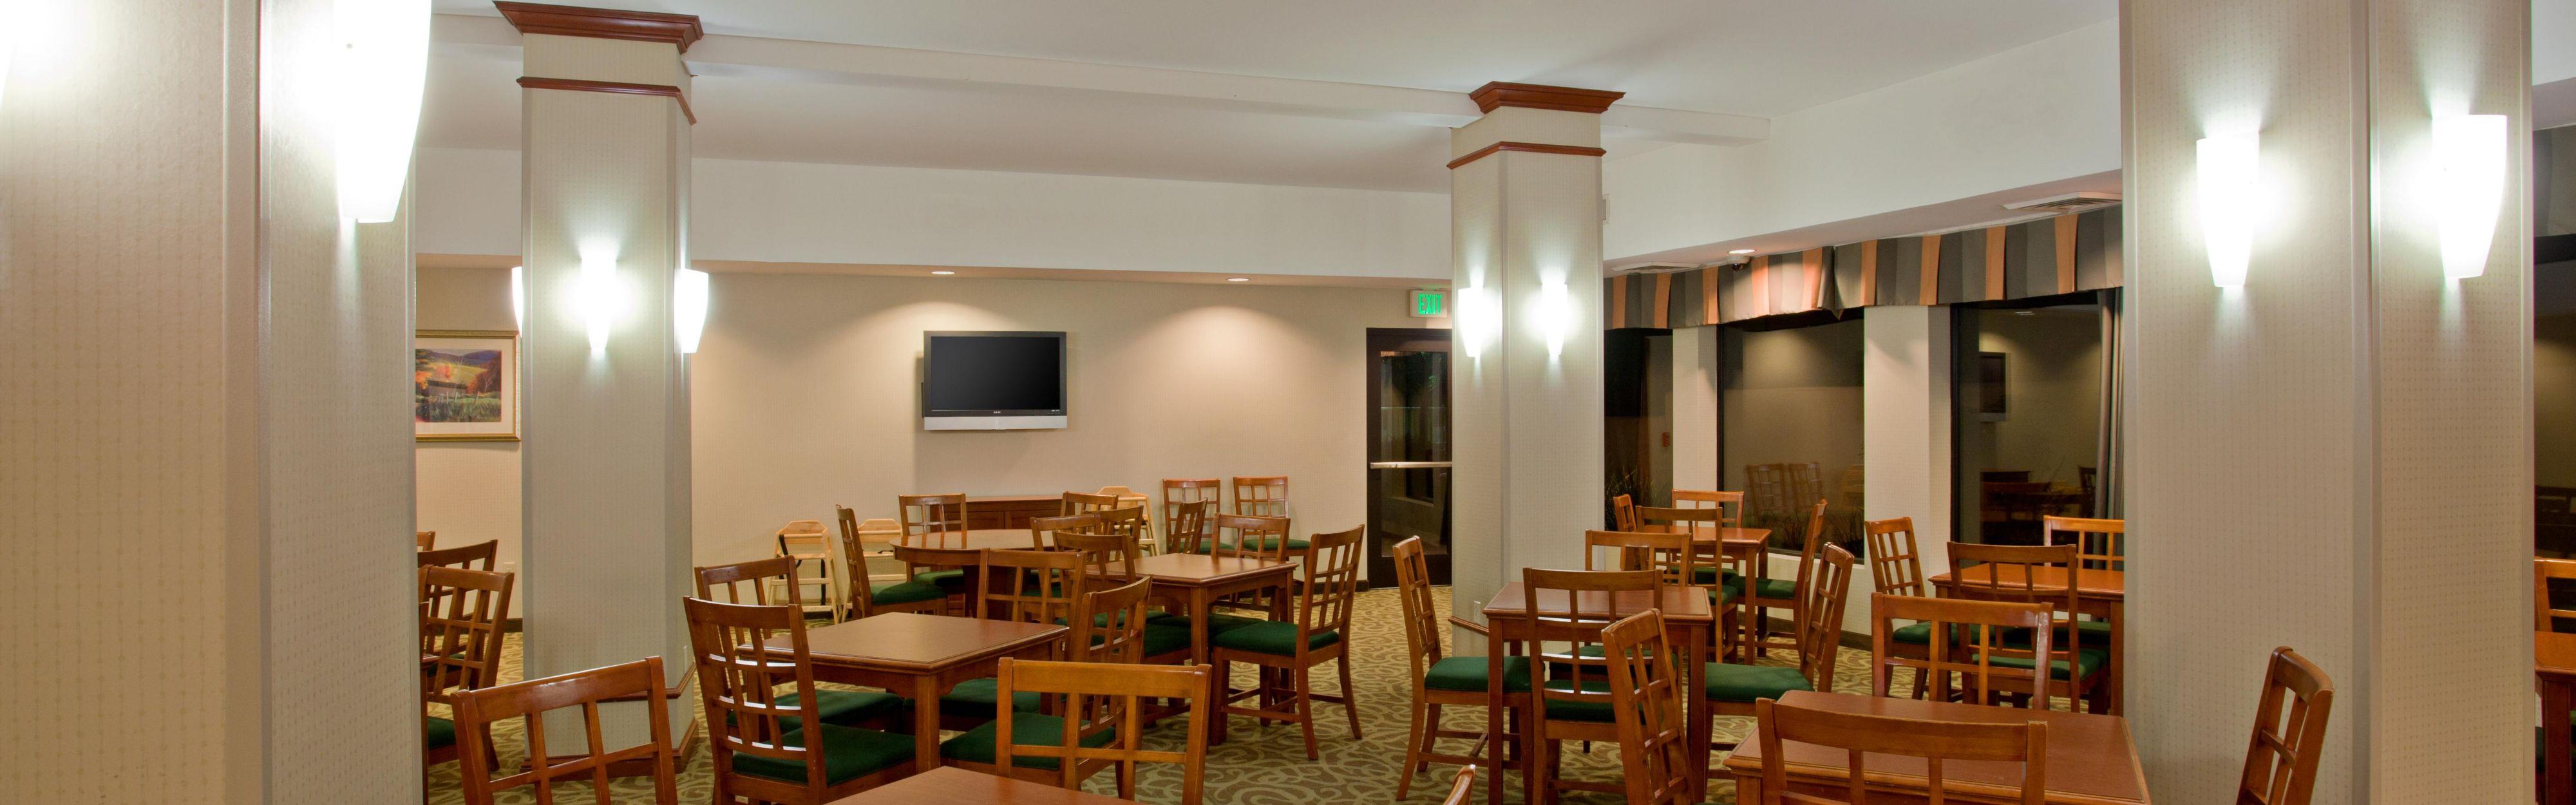 Holiday Inn Express & Suites Santa Clarita image 3